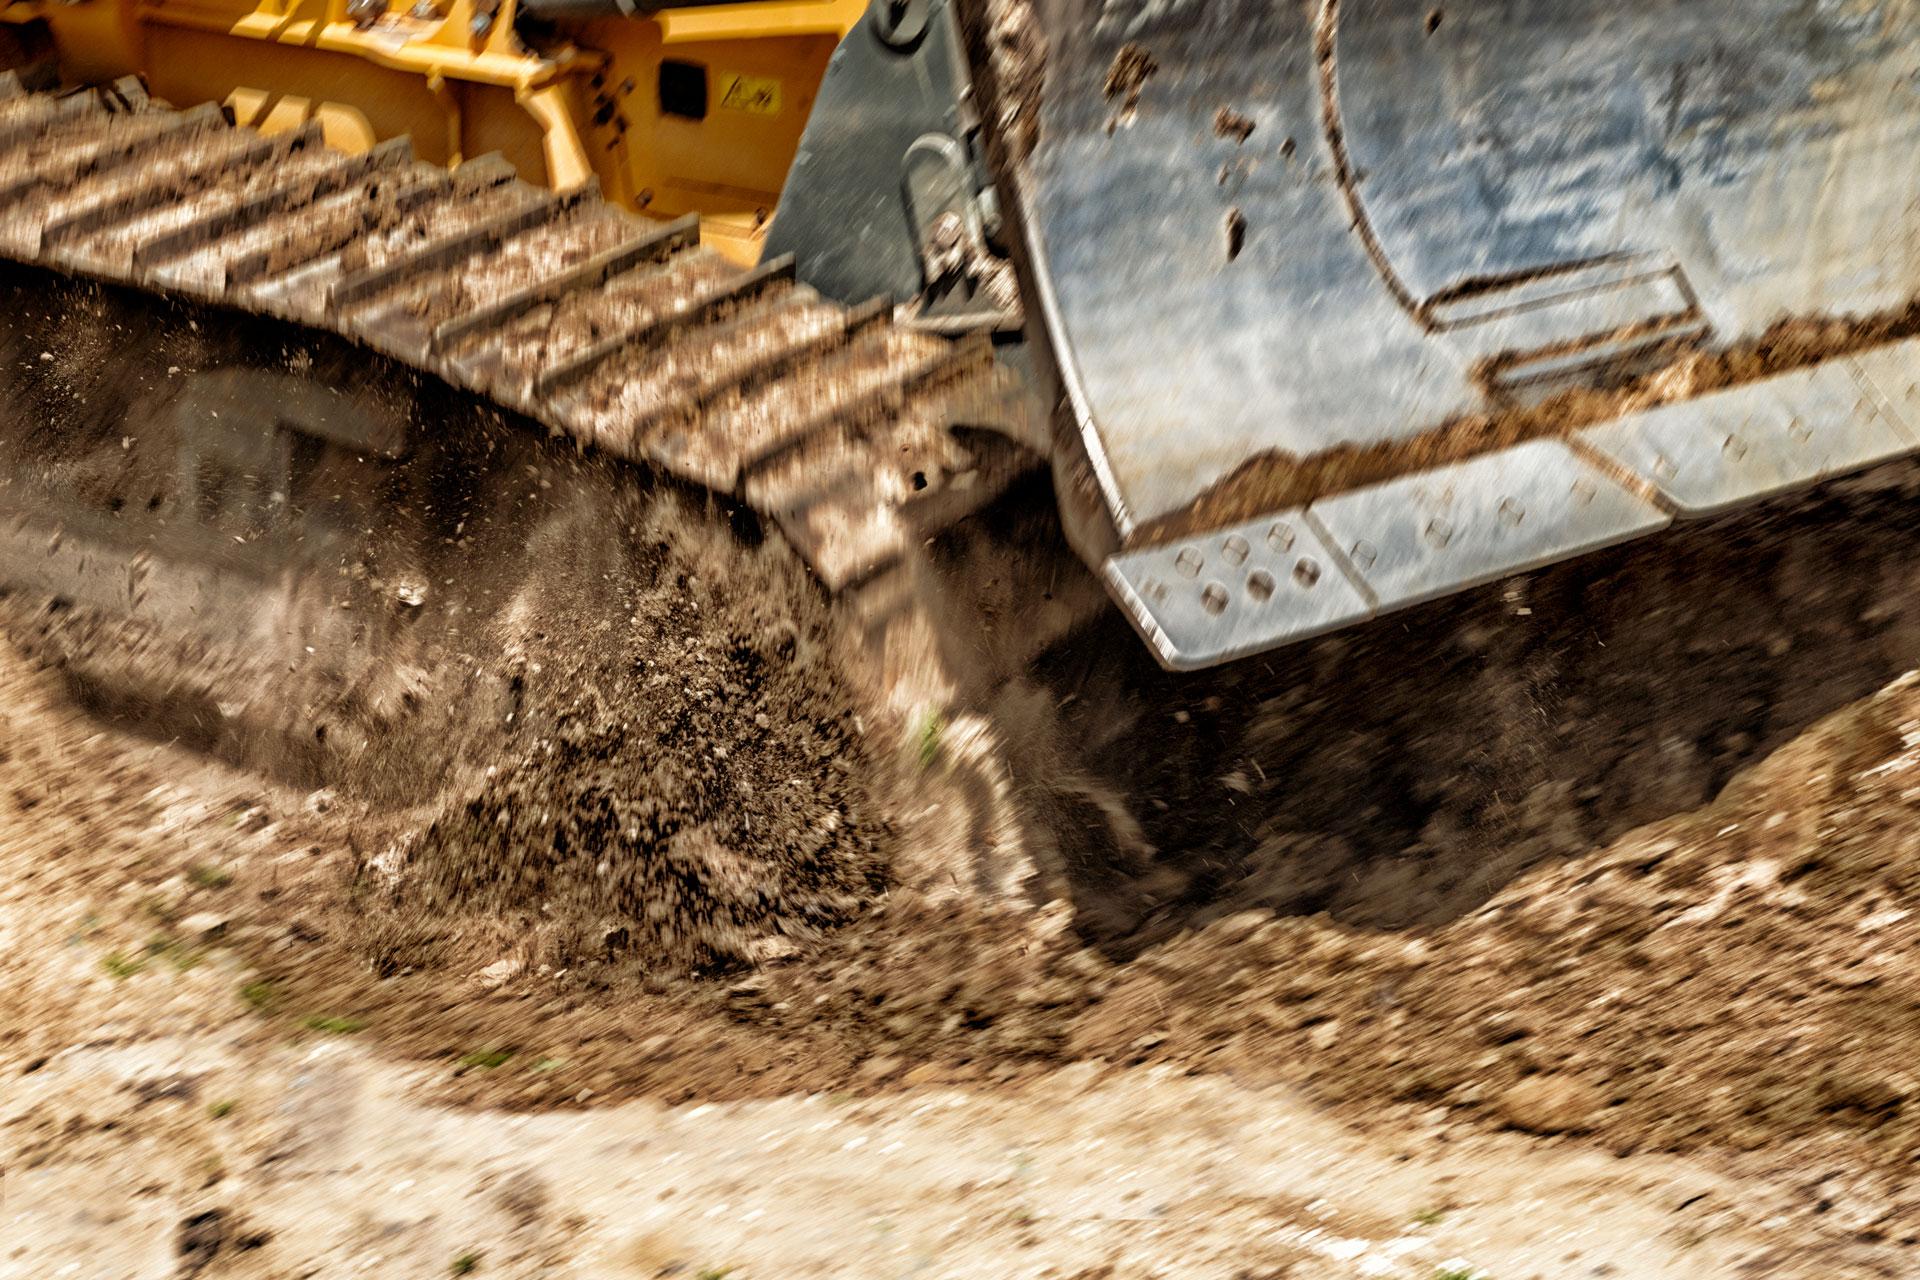 Iborg Straßen- und Tiefbau - Erdarbeiten, Tiefbauarbeiten, Pflasterarbeiten, Natursteinarbeiten,  Asphaltierungsarbeiten, Winterdienst, Straßenbau, Iborg,  Westerkappeln